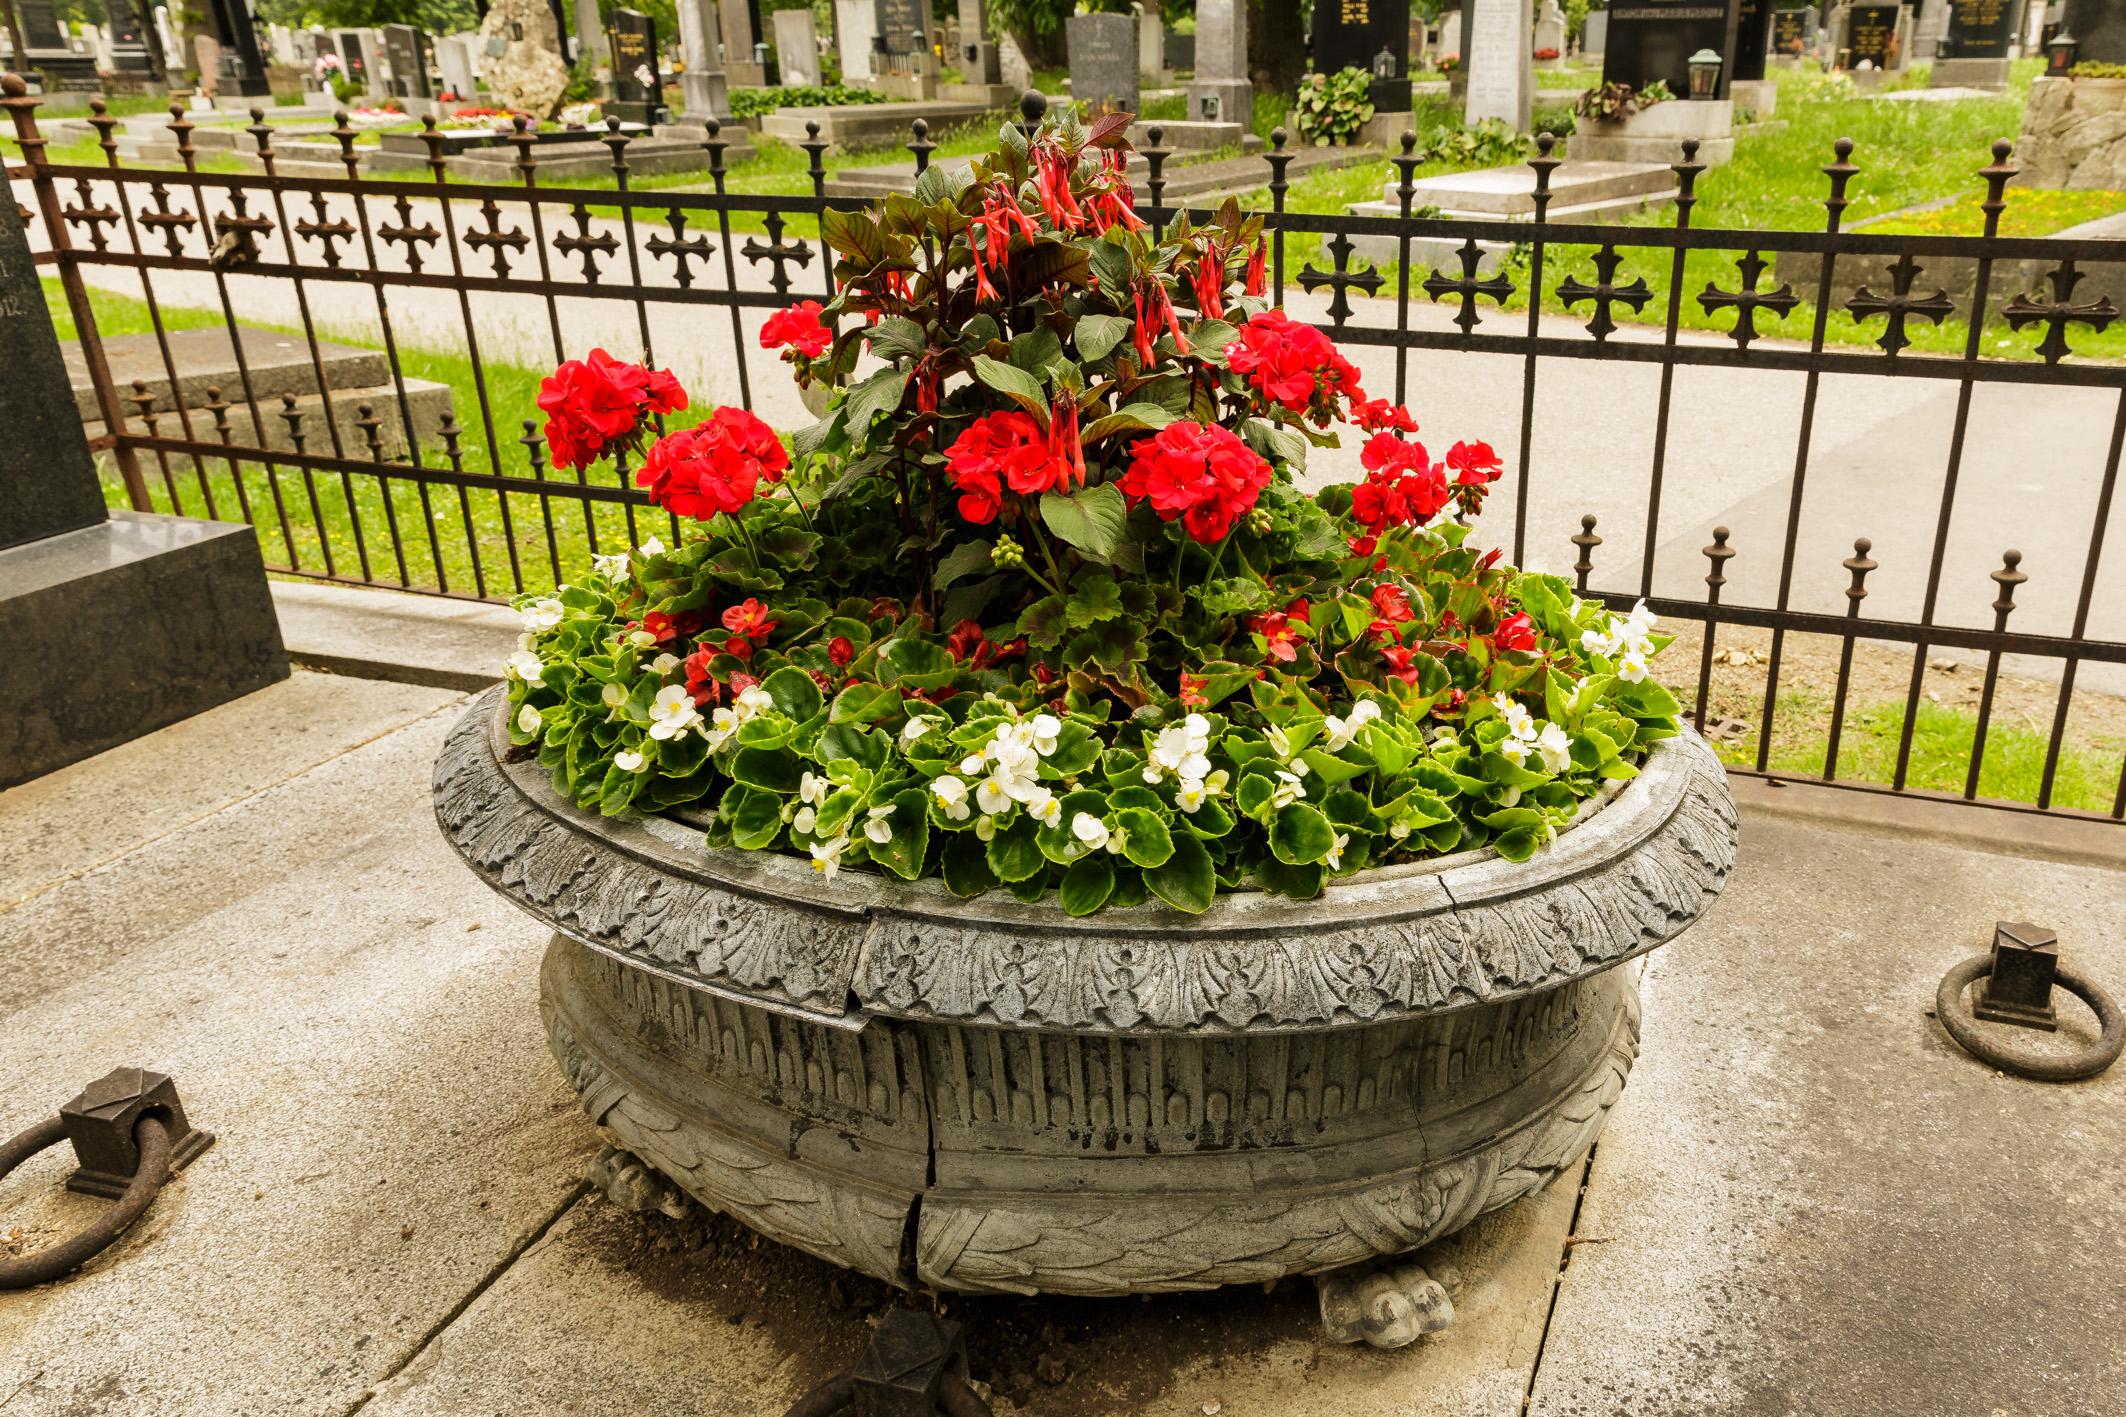 Gruft-mit-grosser-Blumenschale-Sommerblumen-gemischt